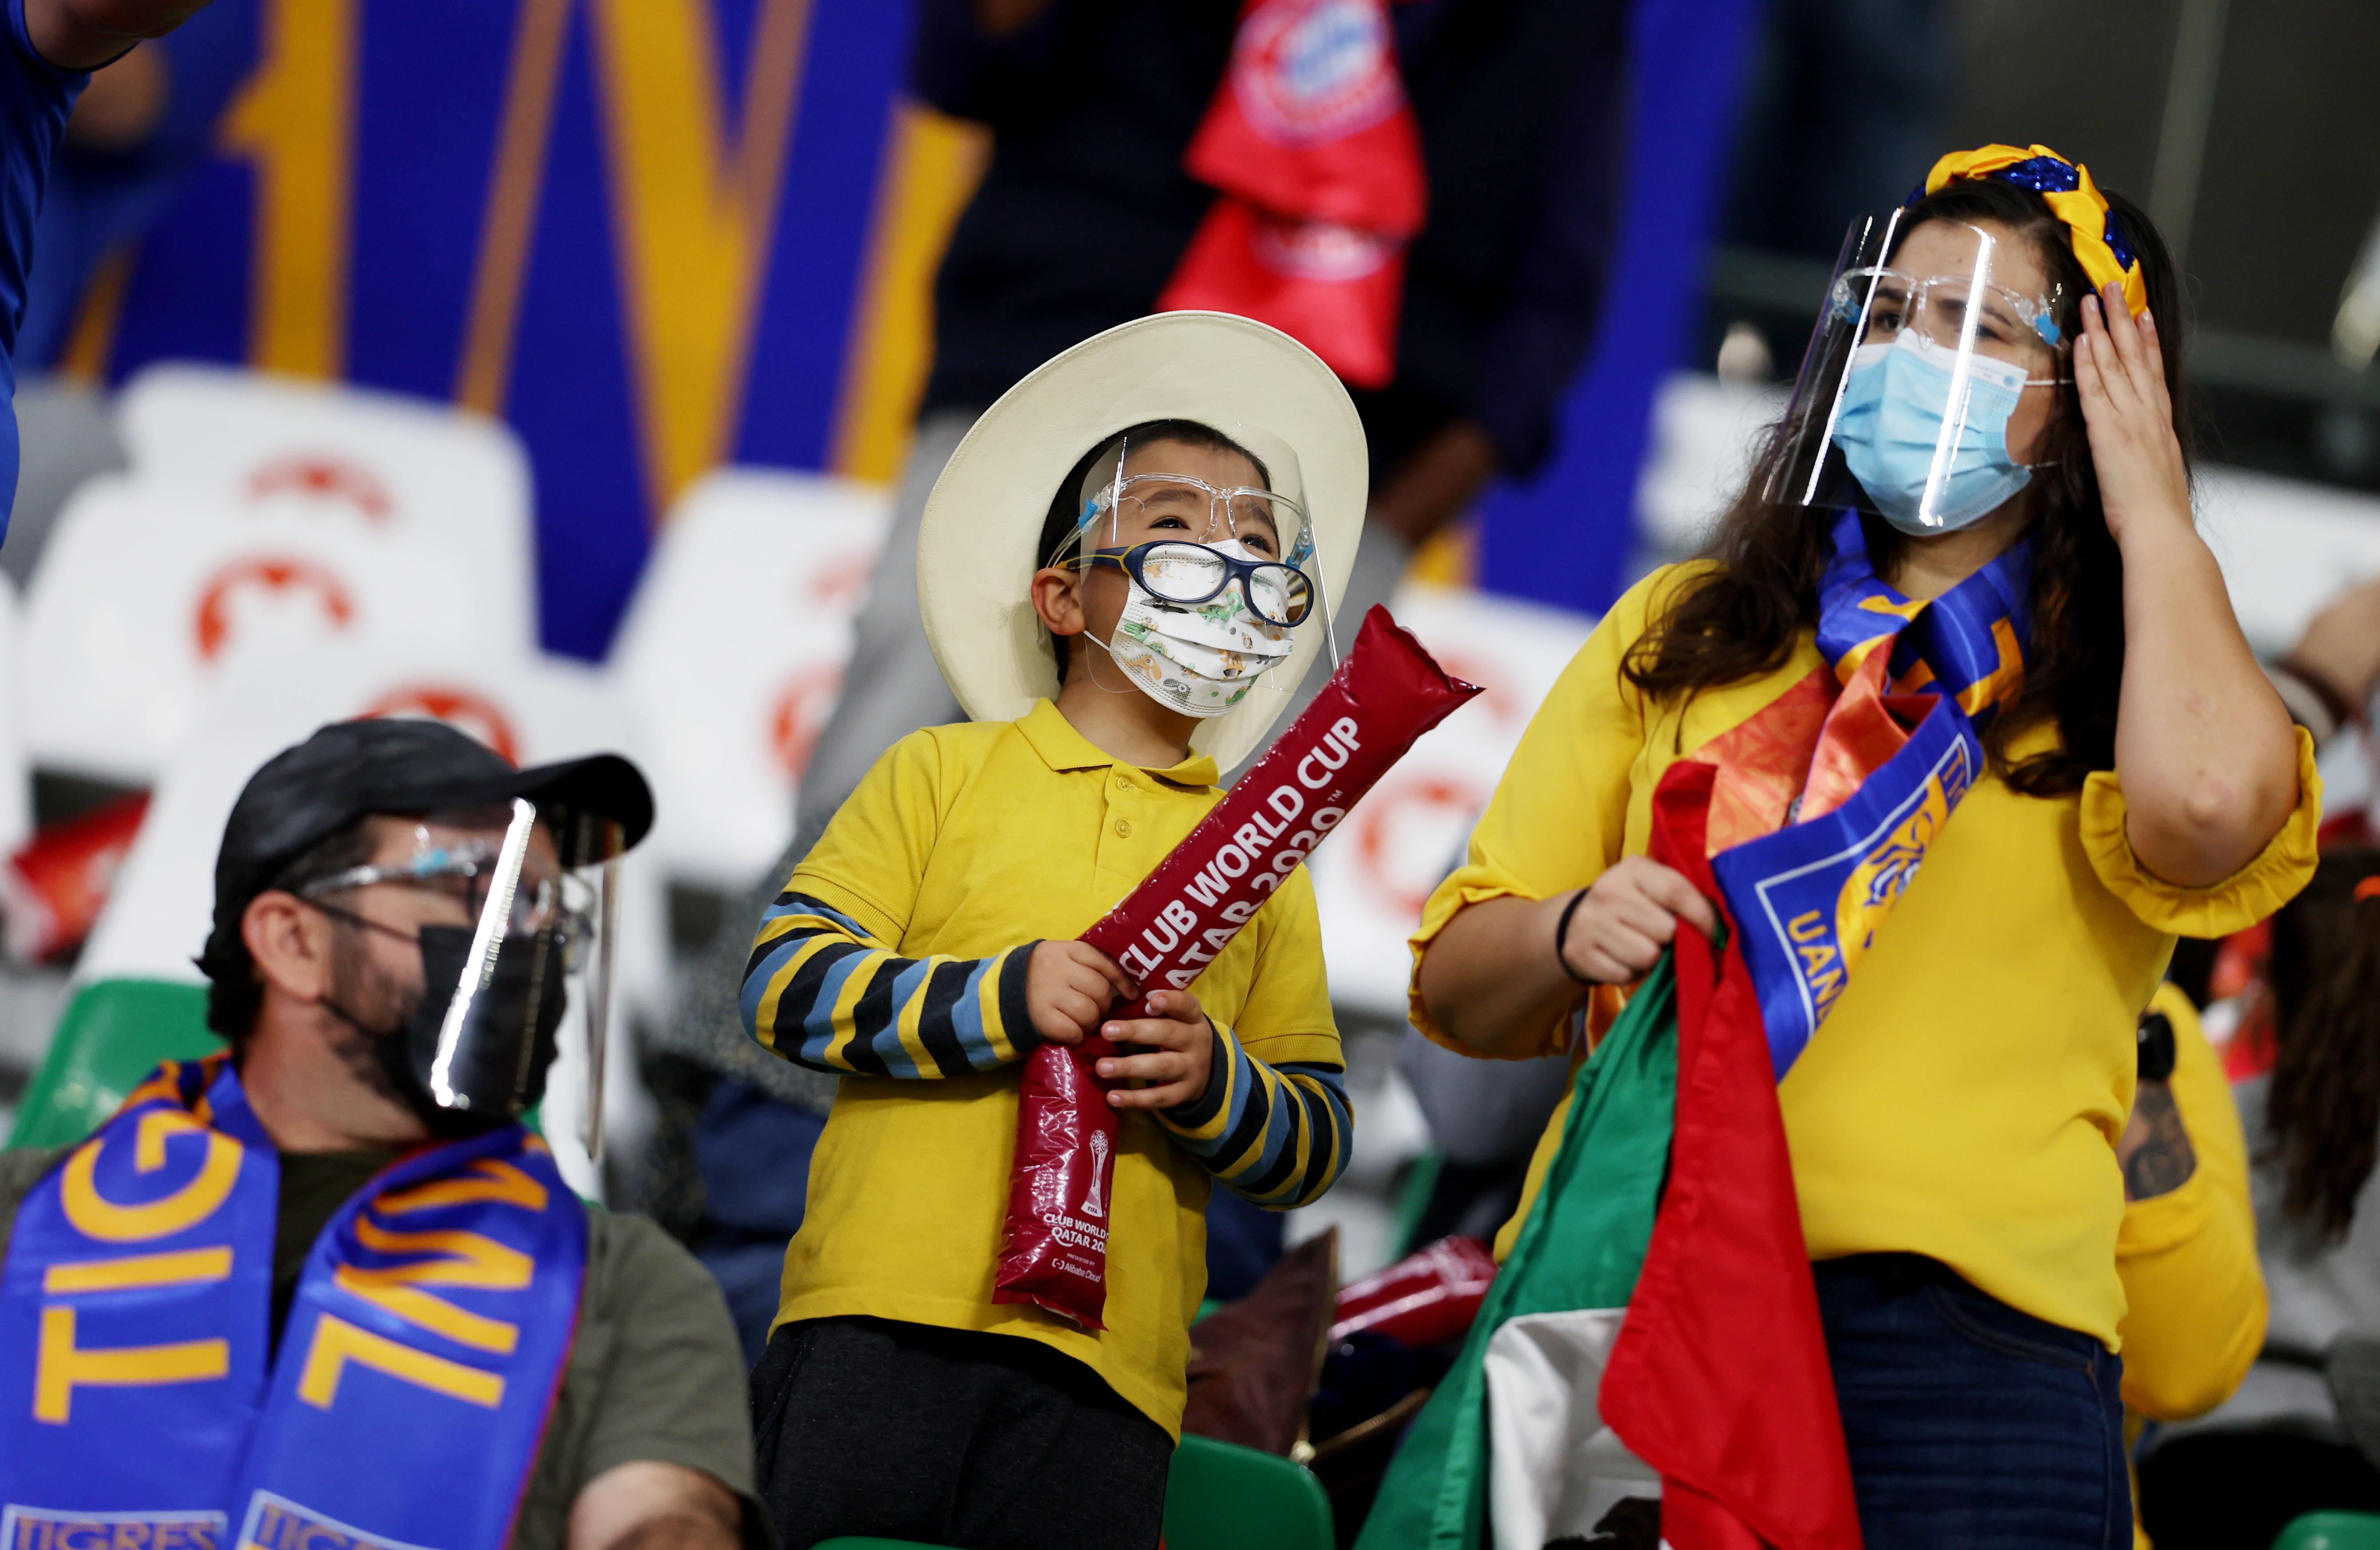 Seguidores de Tigres con caretas dentro del estadio. Estadio Ciudad de la Educación en Rayán, Catar